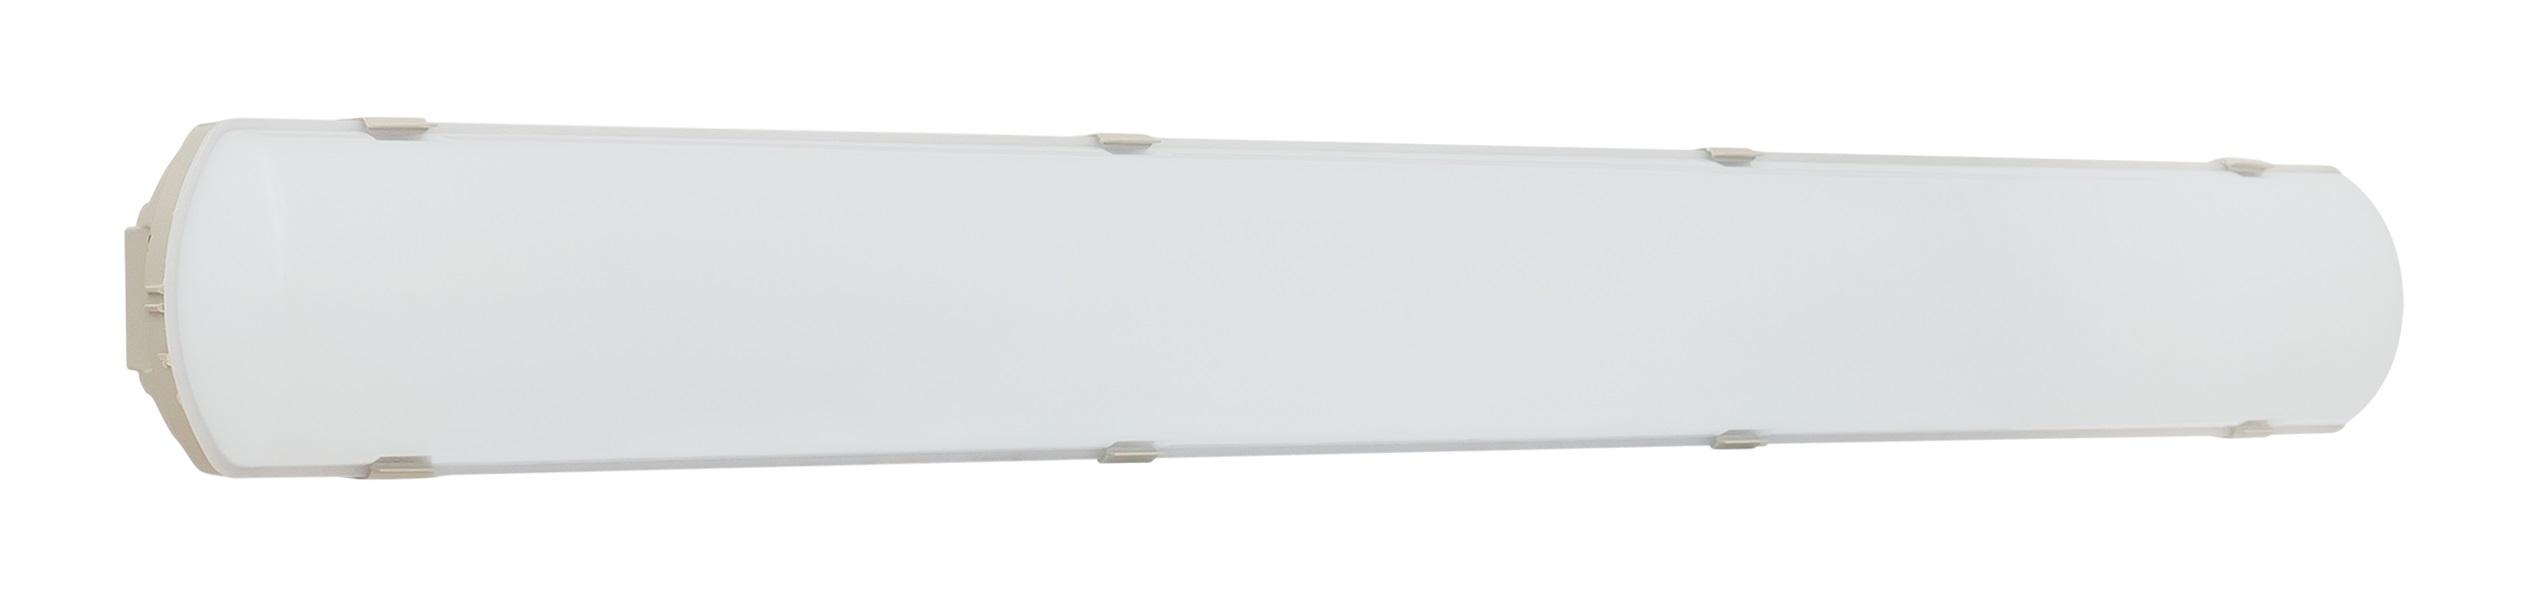 Промышленный светодиодный светильник LedNik ПСО Ni36 Ultra 2x (1280мм) IP 65 матовый